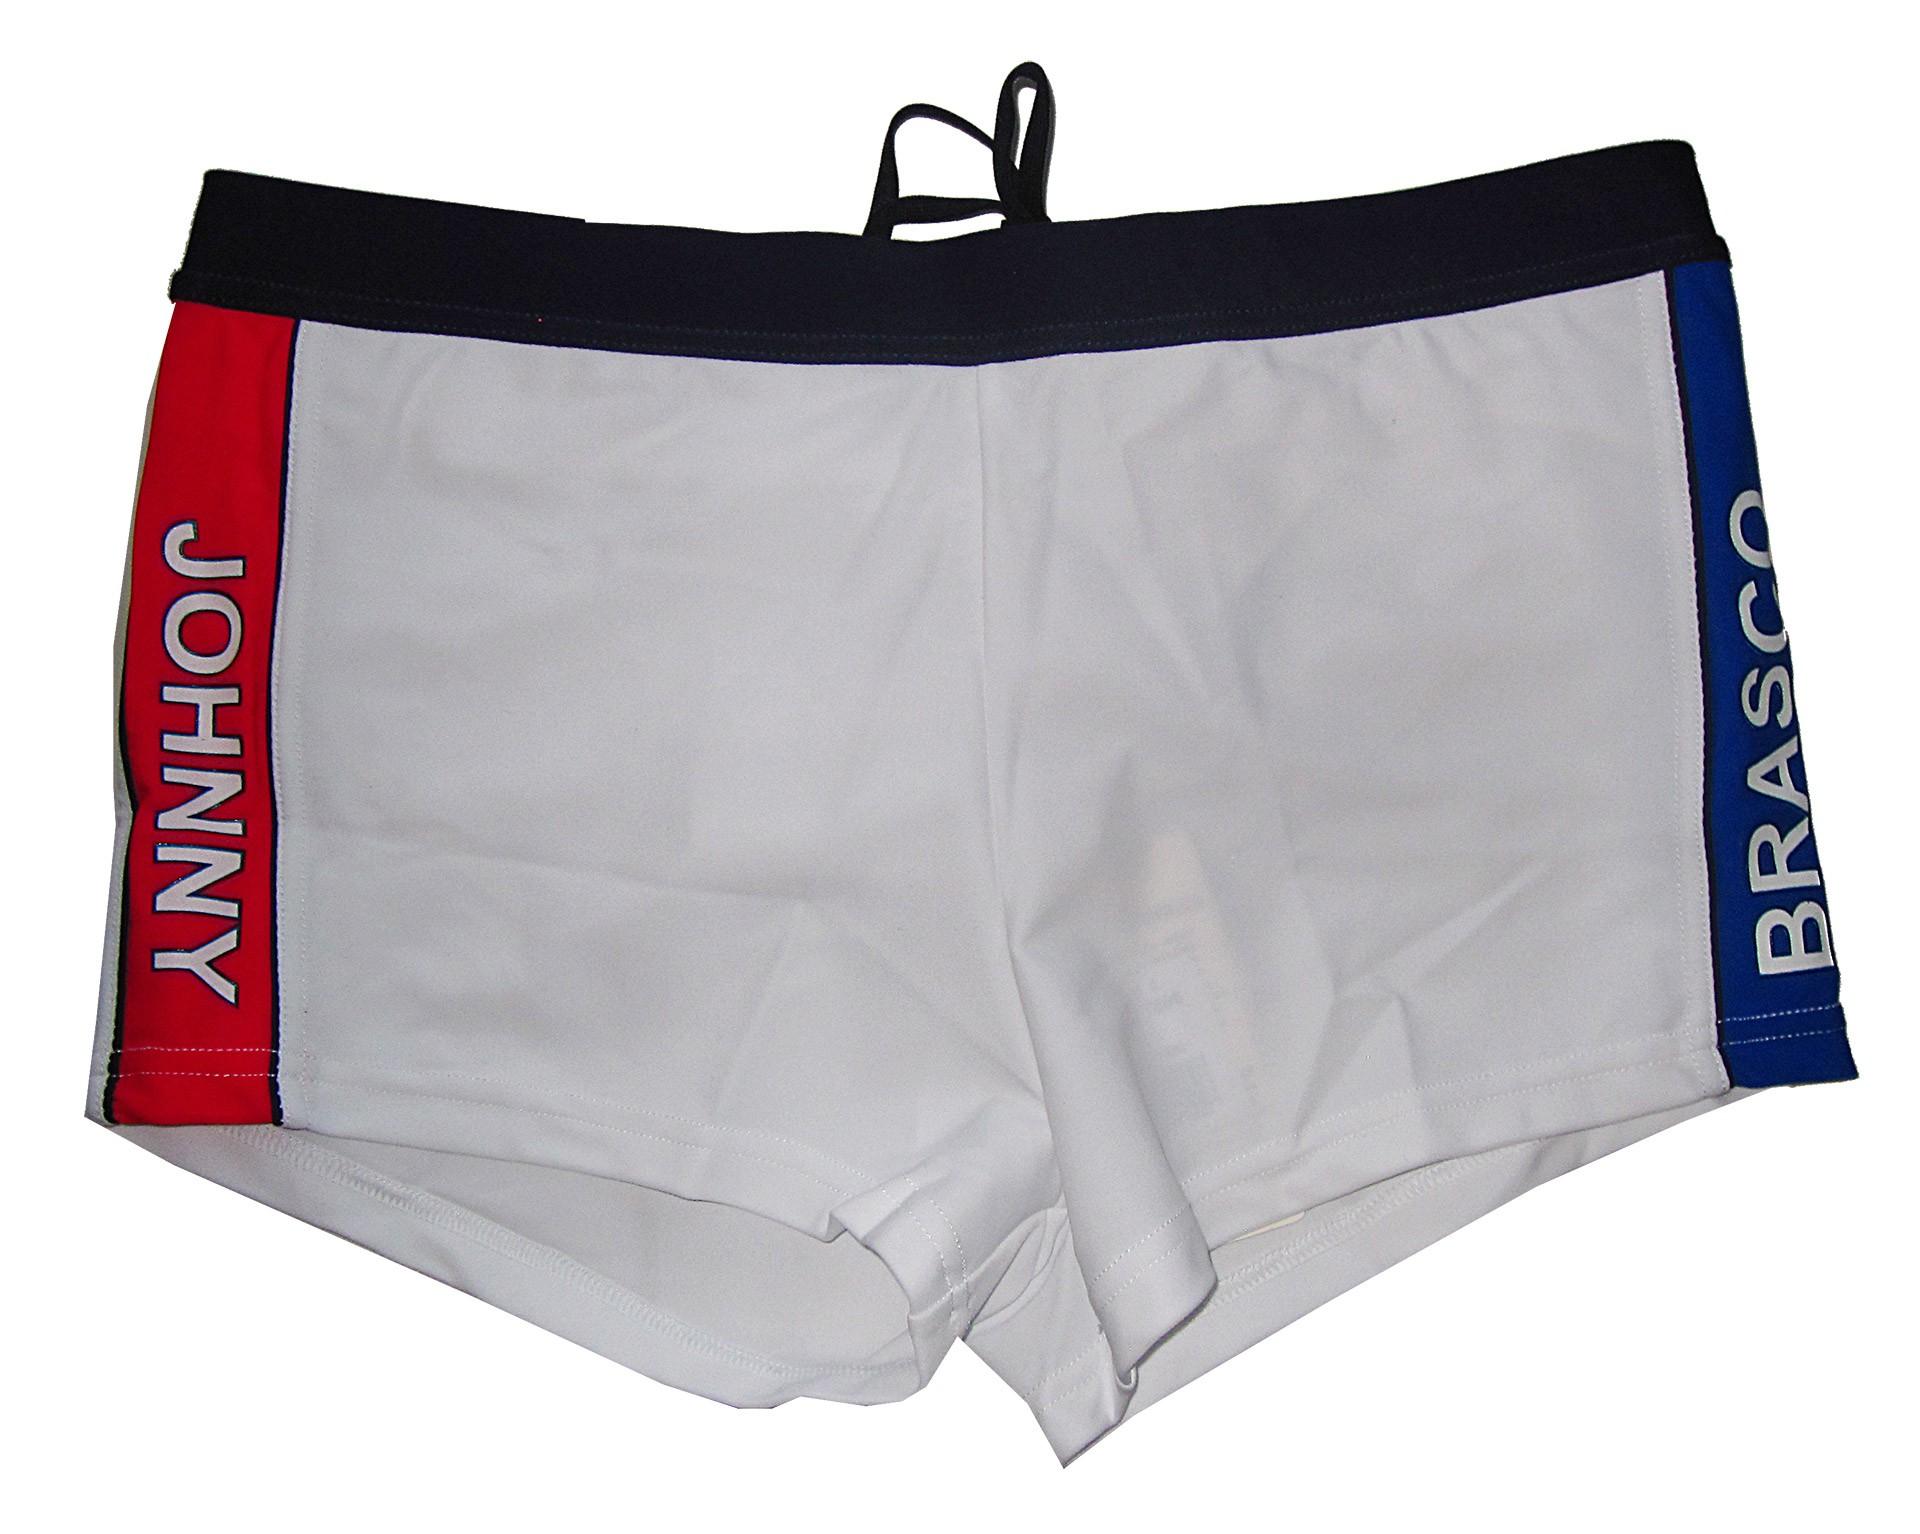 Άσπρο αντρικό ελαστικό boxer μαγιό Johnny Brasco 657806